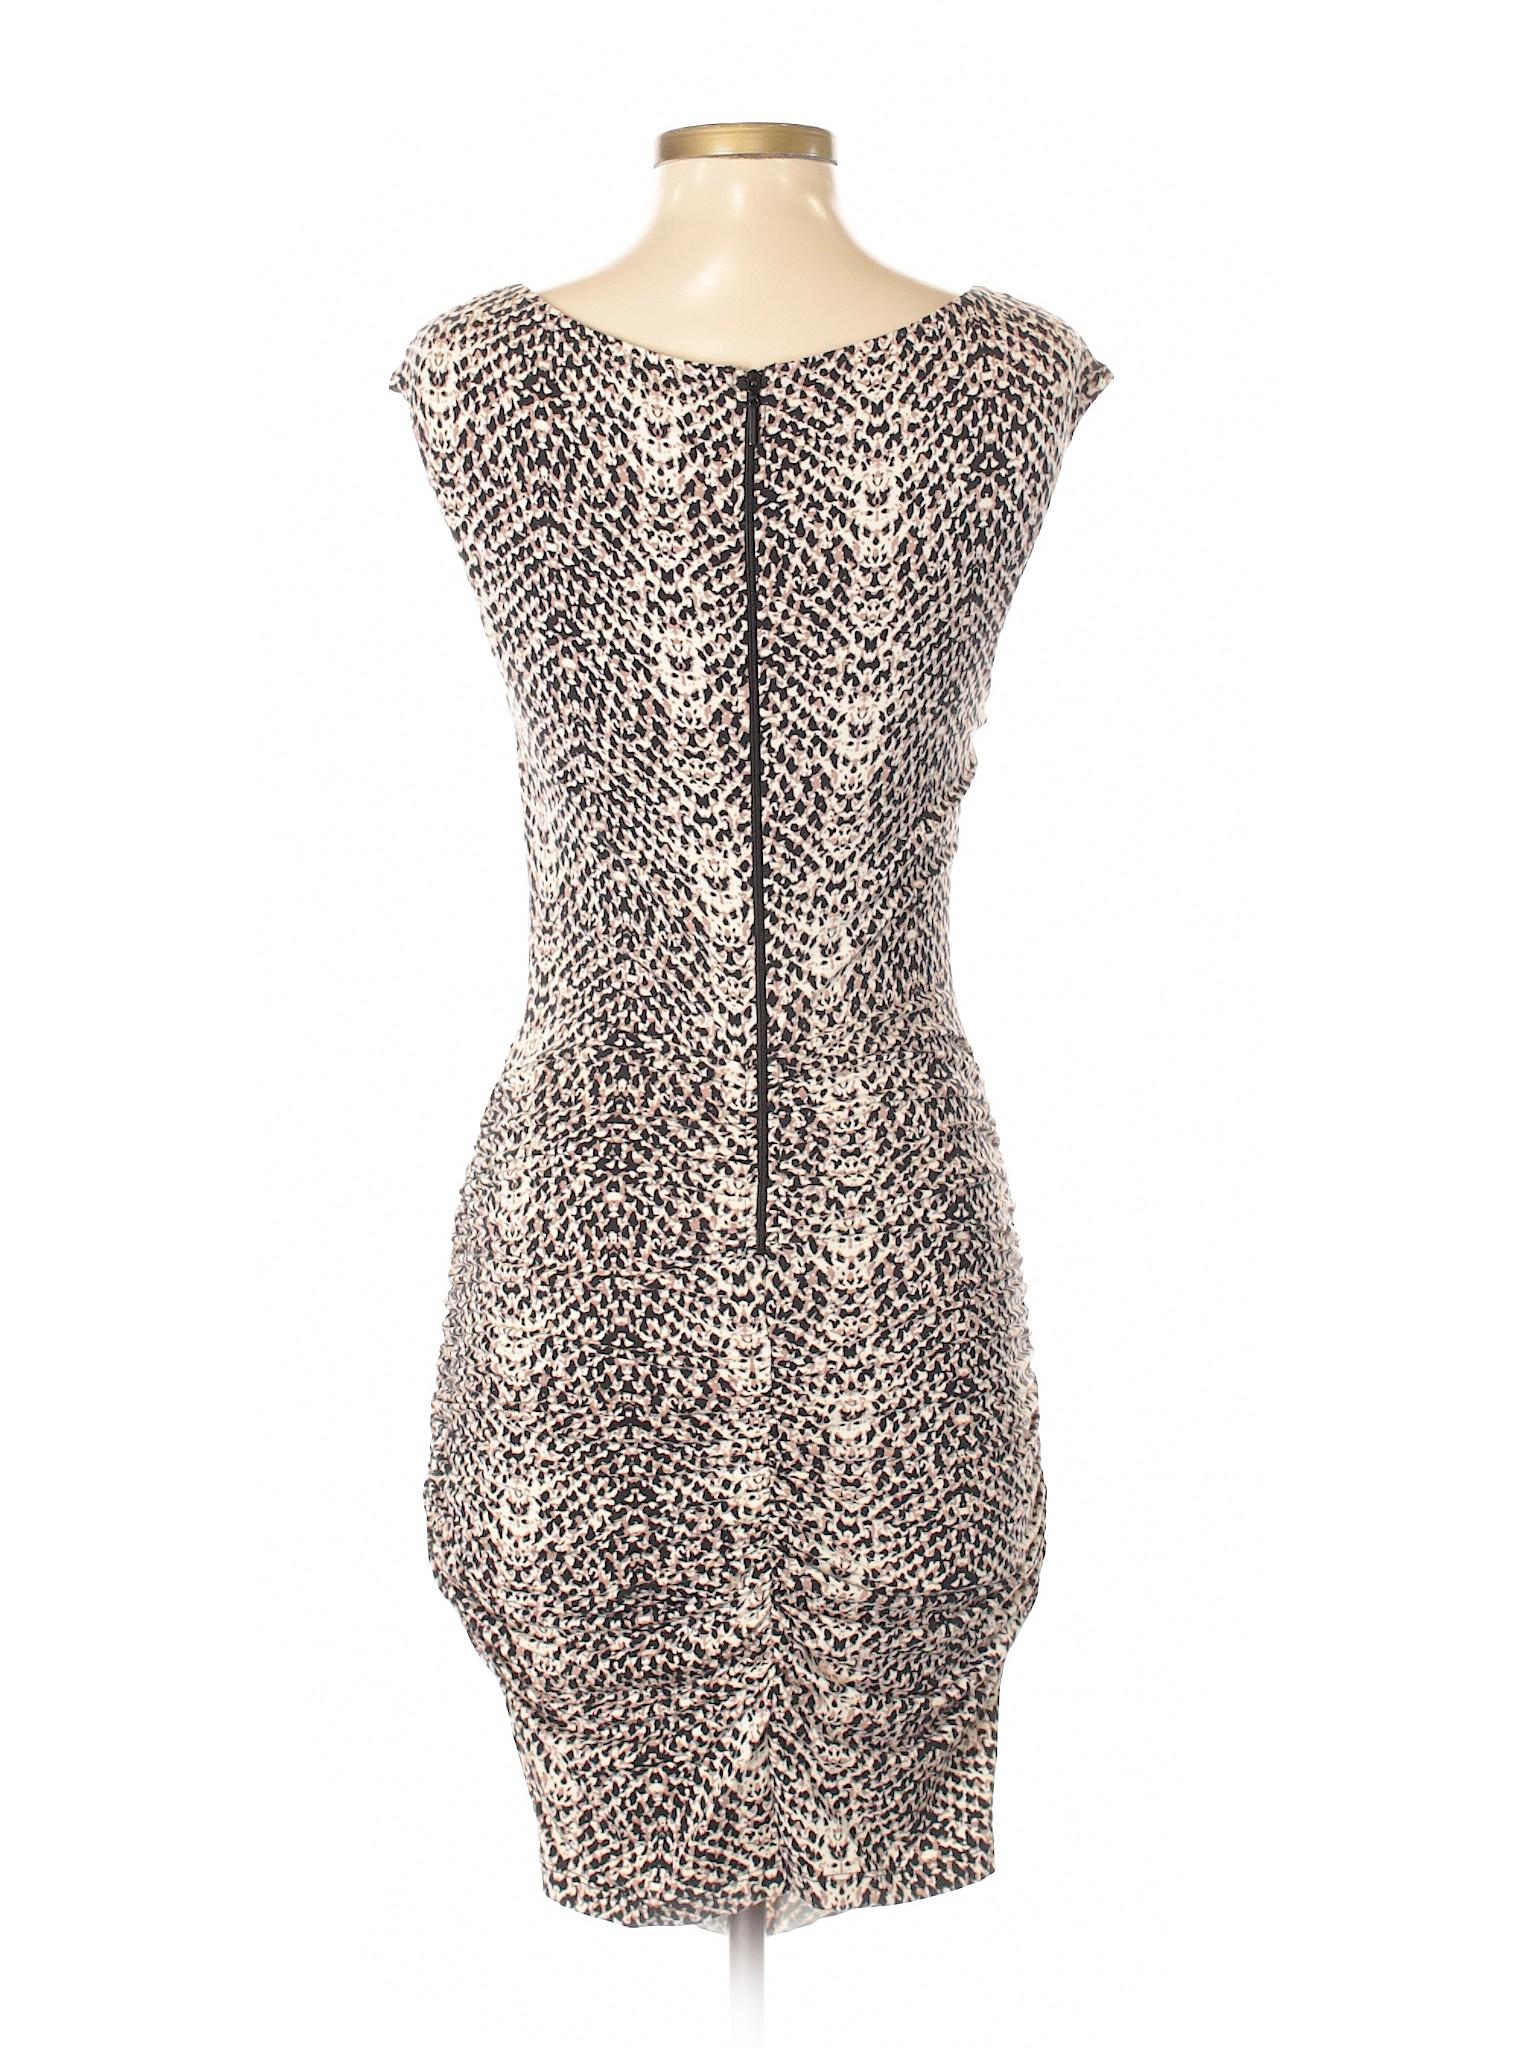 Tart Tart Boutique winter Dress winter Casual winter Boutique Casual Dress Boutique 4wRdIEx8q